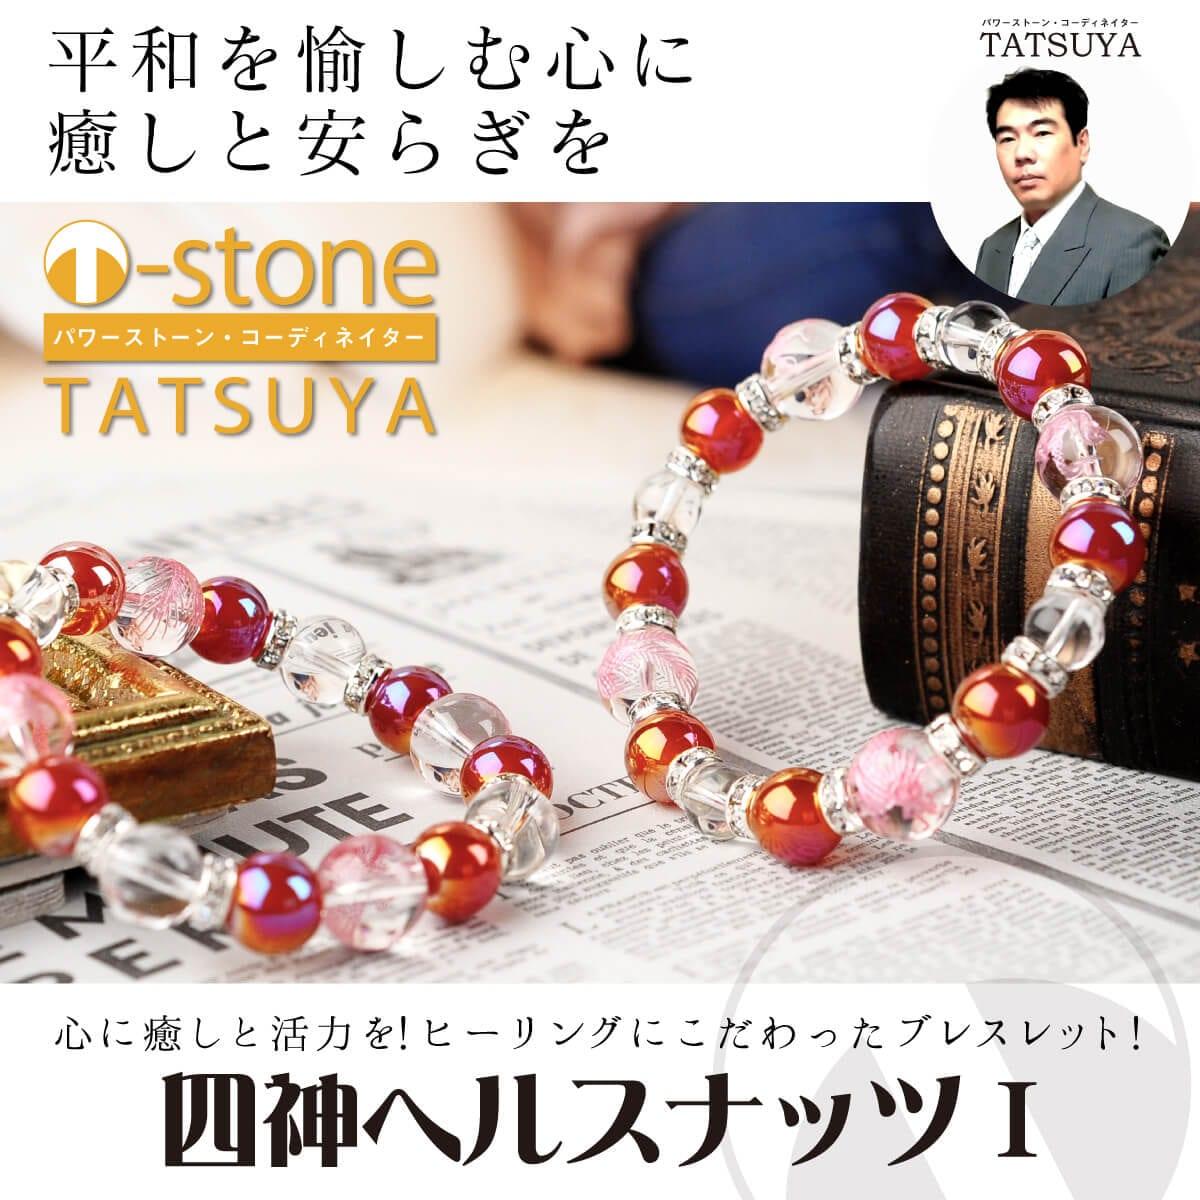 【T-stone】 四神ヘルスナッツ� ≫オーダーメイドの開運ブレスレット→心の癒し! 開運グッズ